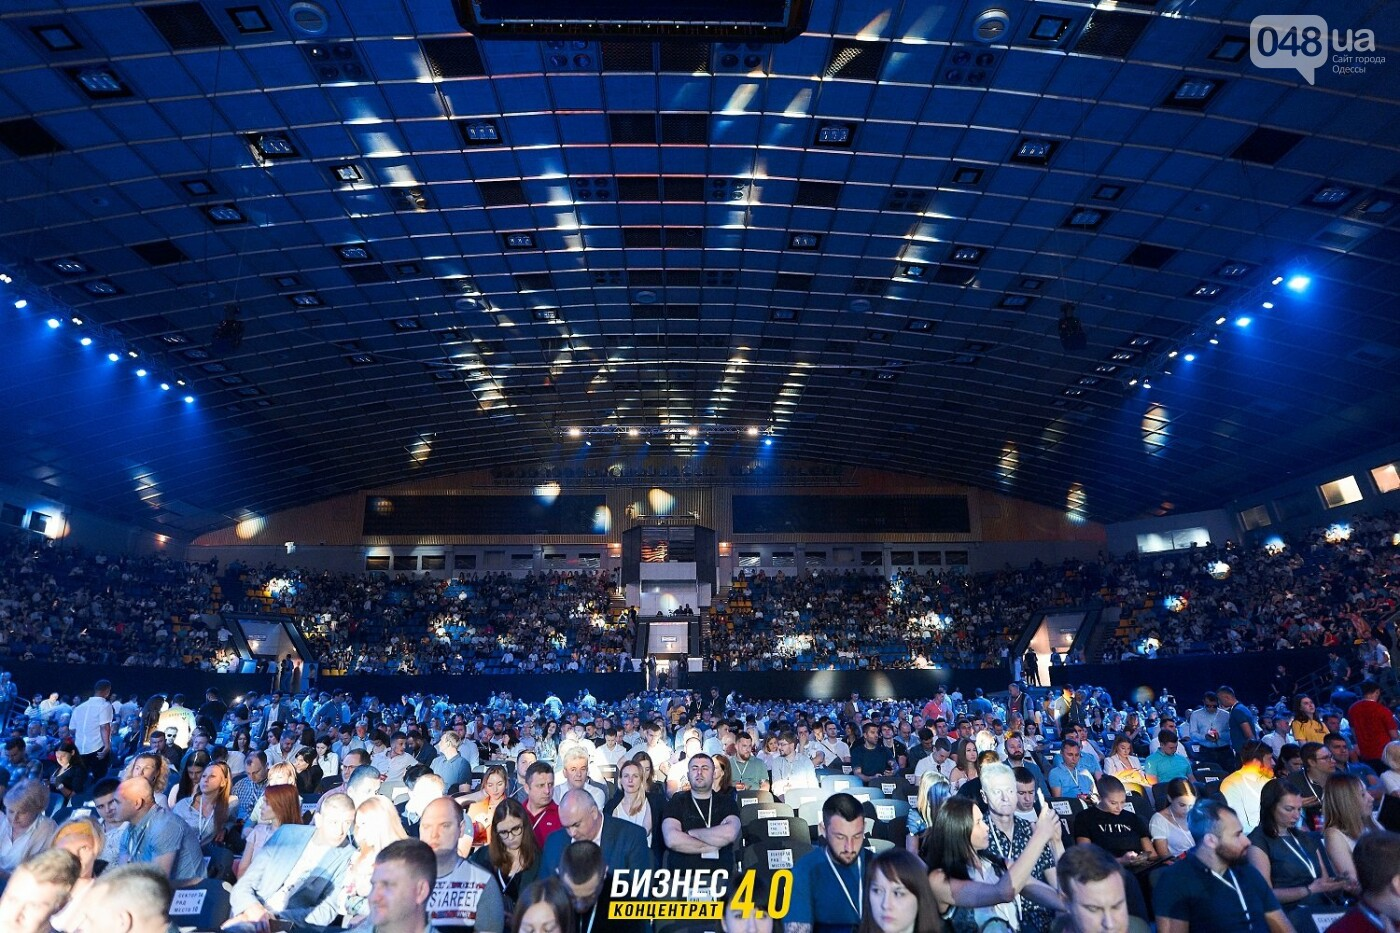 Чего ждать на масштабном форуме Бизнес-Концентрат 5.0.?, фото-2